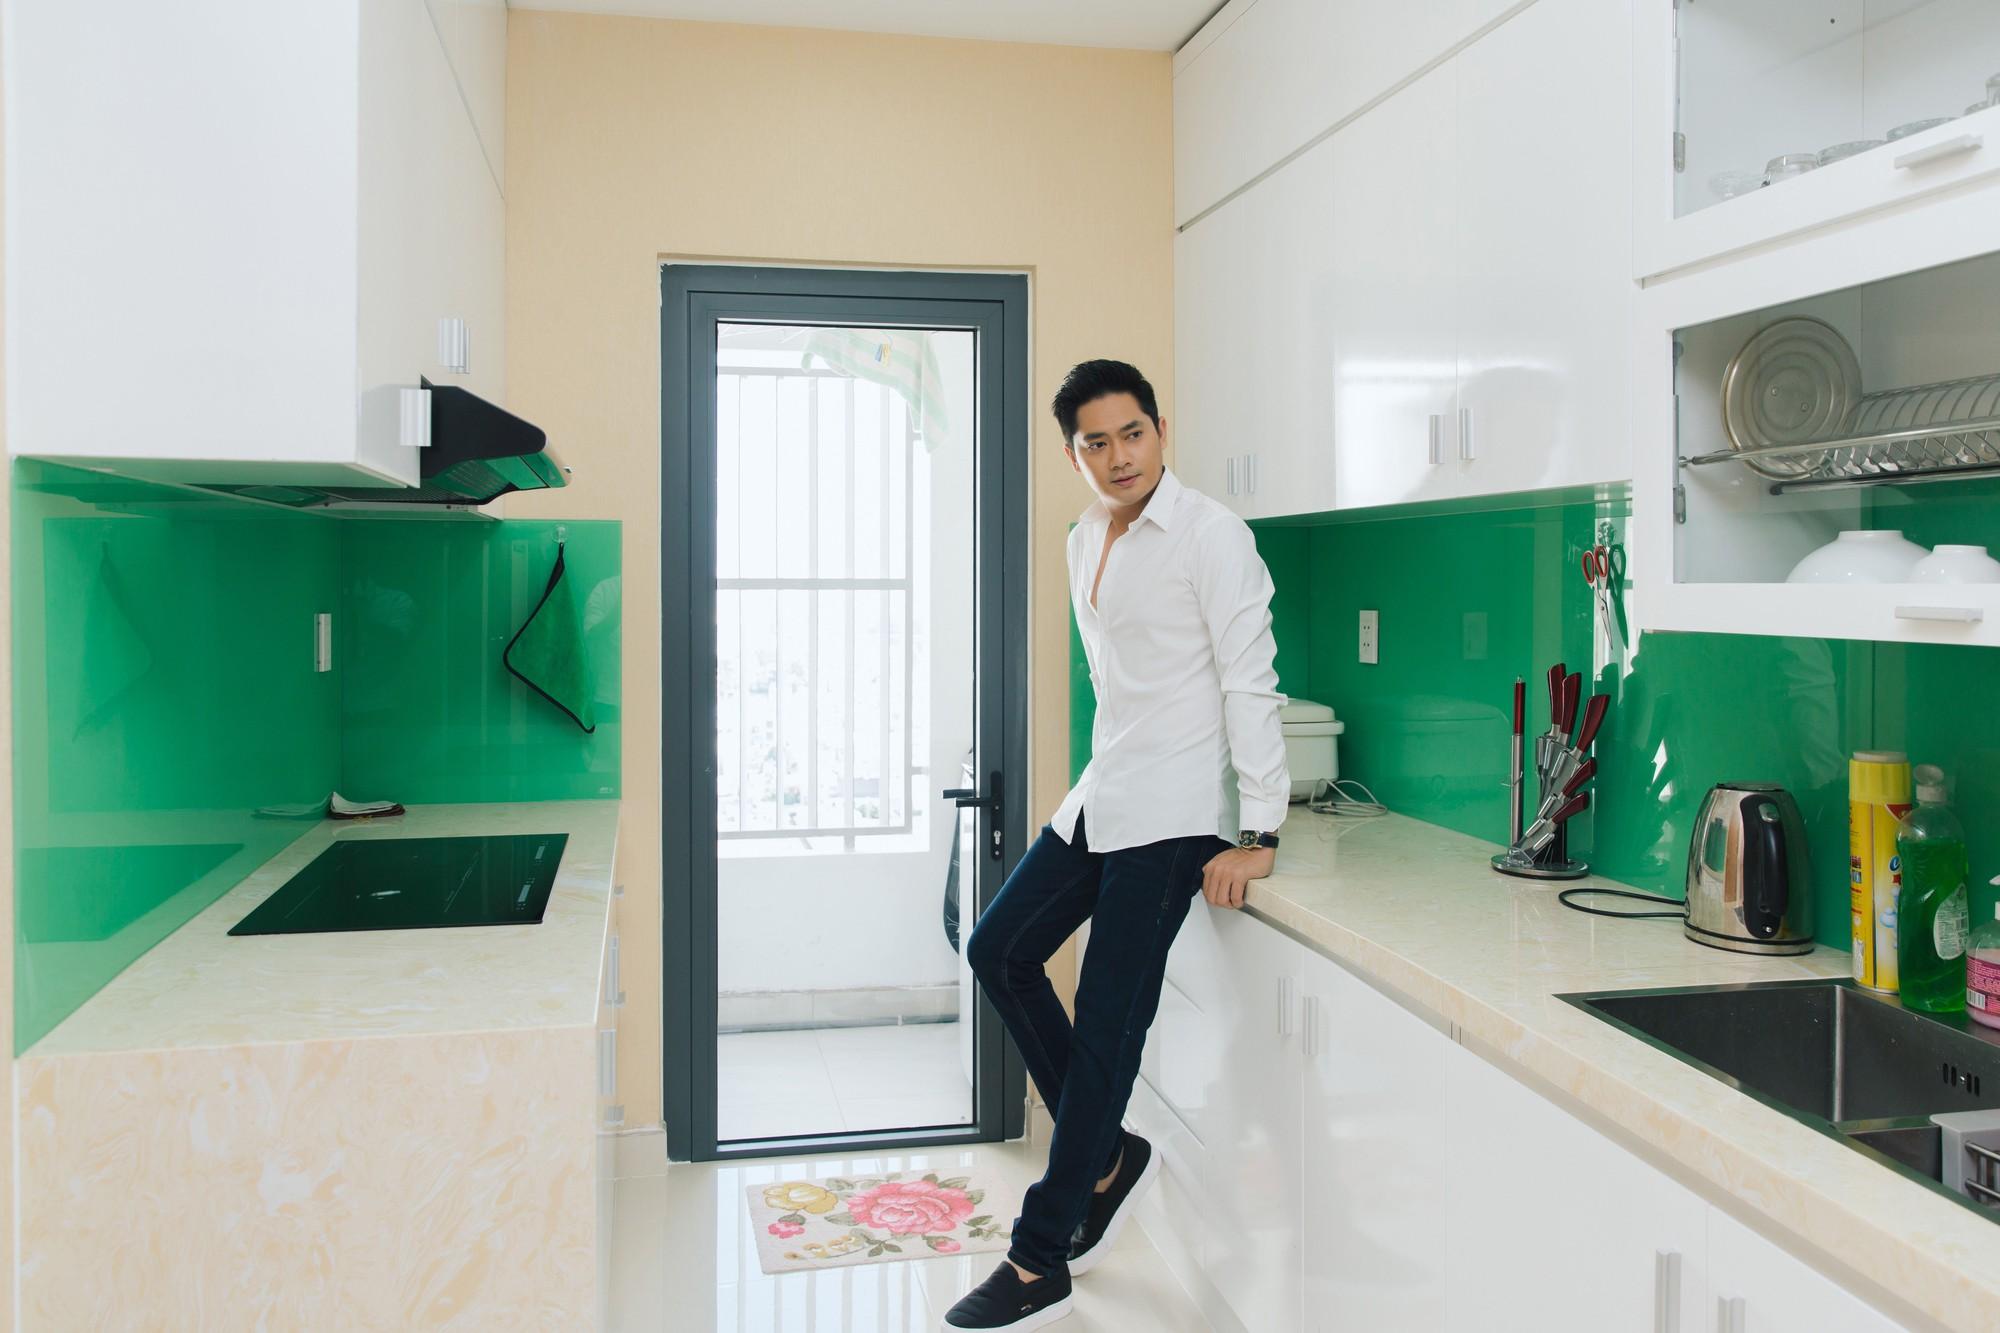 Diễn viên Minh Luân tự hào khoe căn hộ rộng 100 m2 sau 10 năm lập nghiệp ở TP HCM  - Ảnh 17.